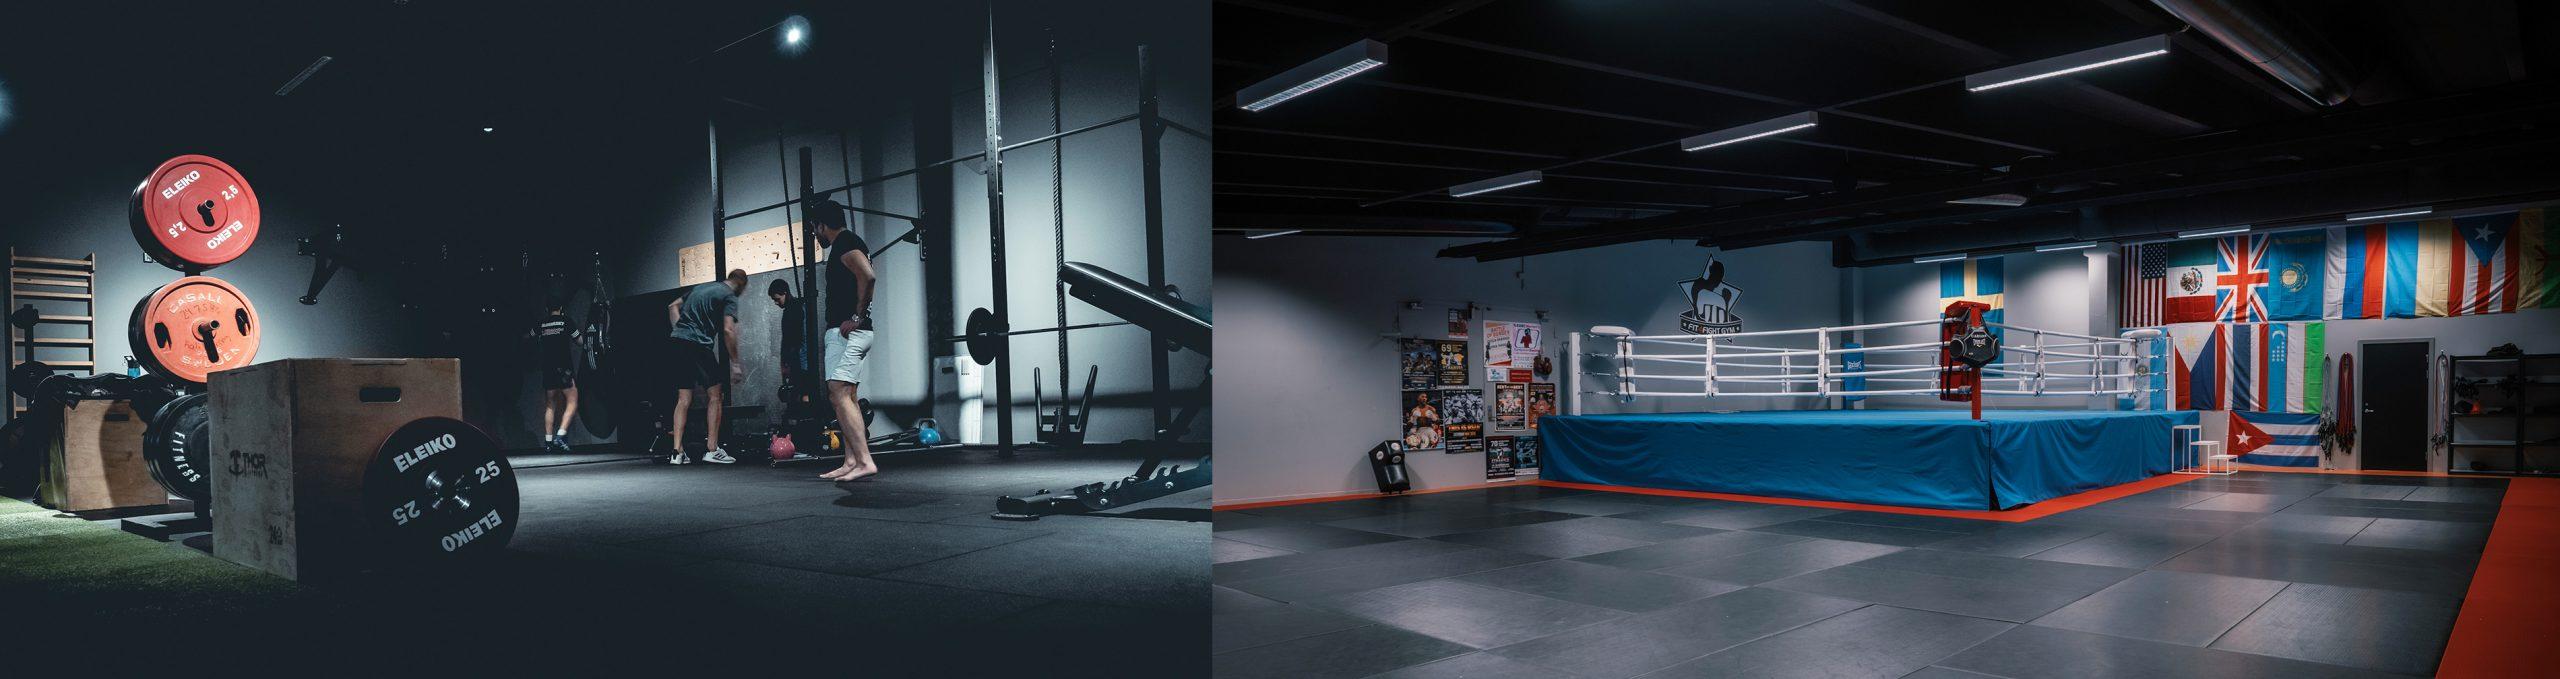 Två bilder inifrån ett gym. Till vänster syns vikter och människor och till höger syns en boxningsring.